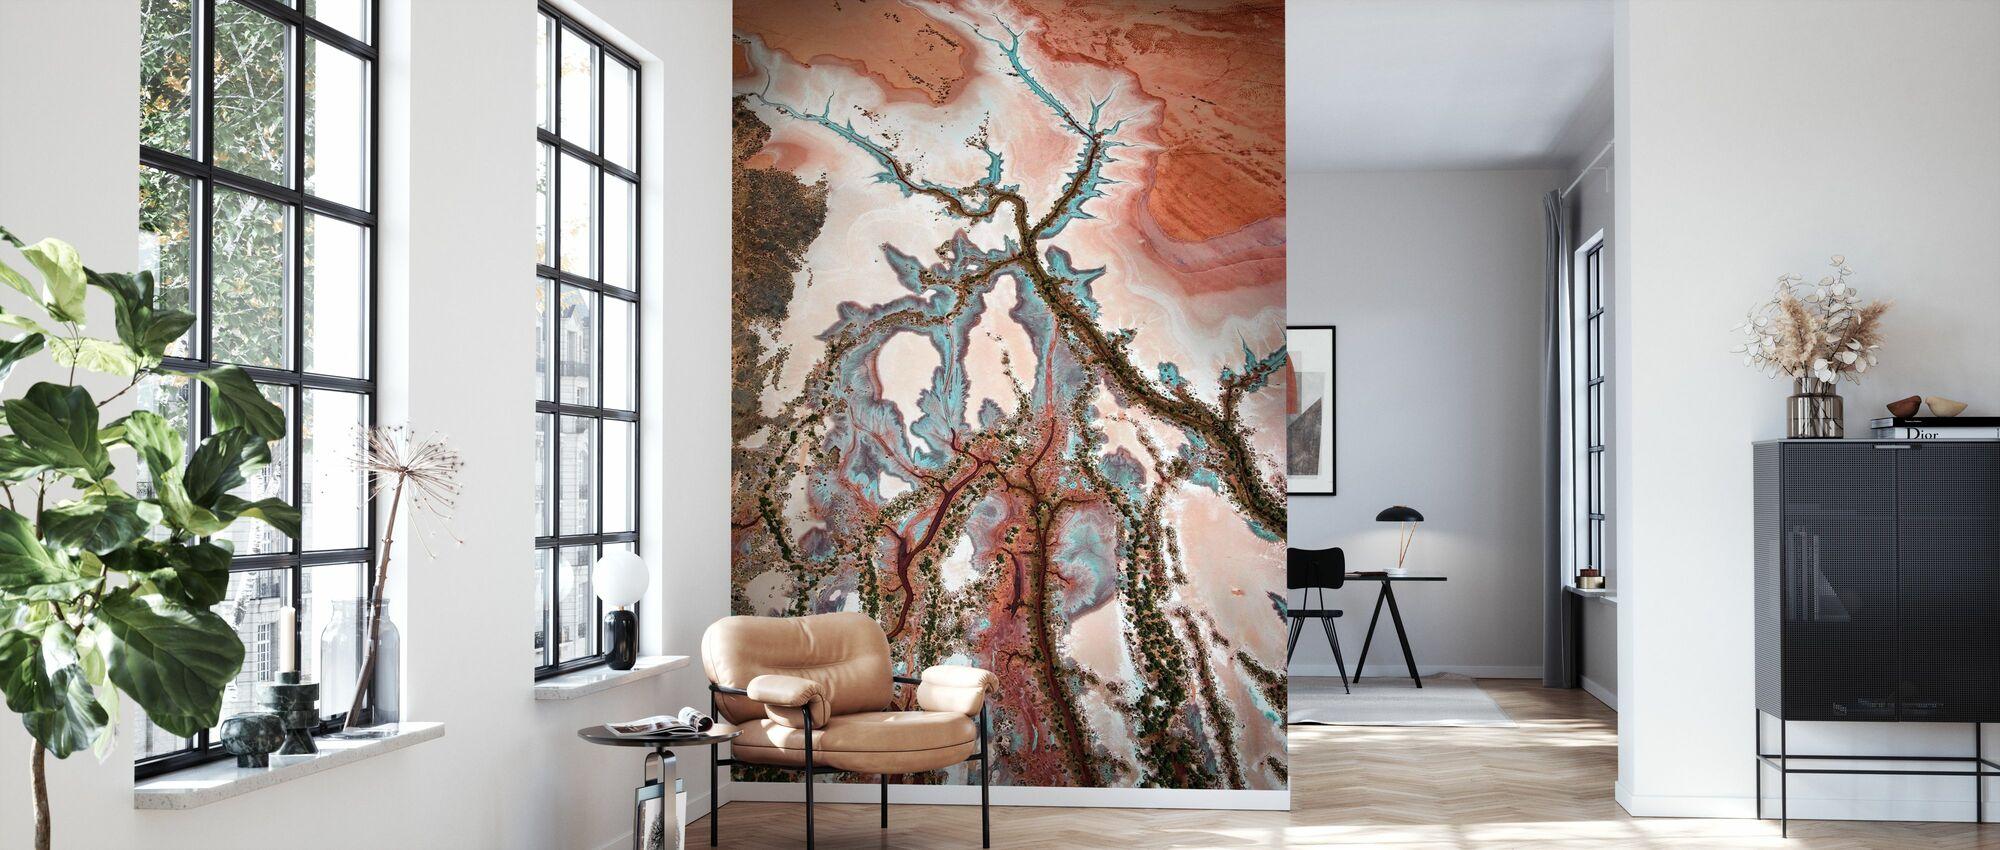 Kimberley Kreativ - Tapete - Wohnzimmer